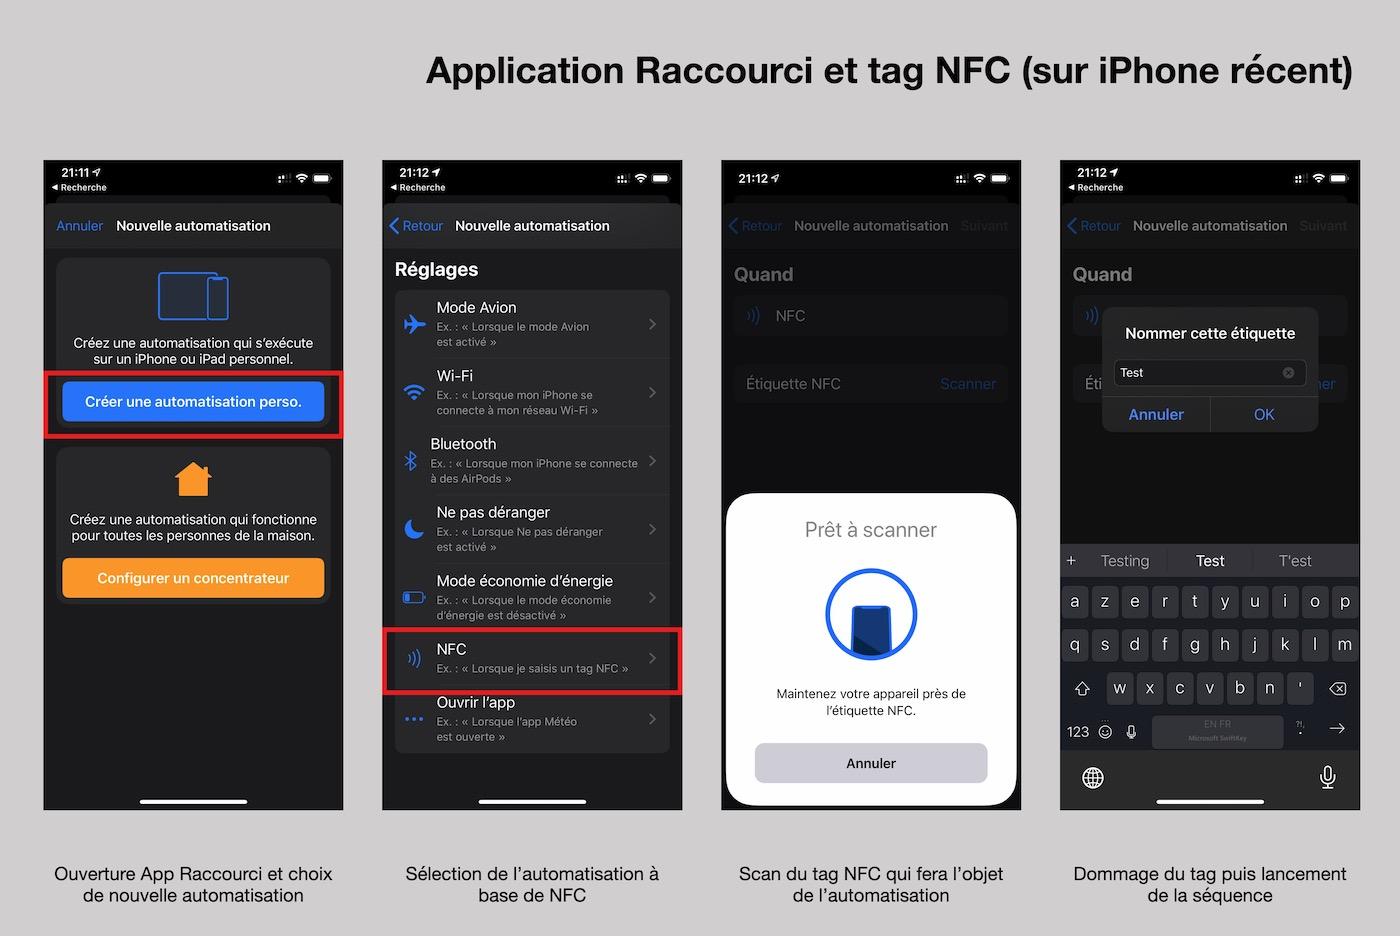 tag nfc application raccourci ios 14 iphone